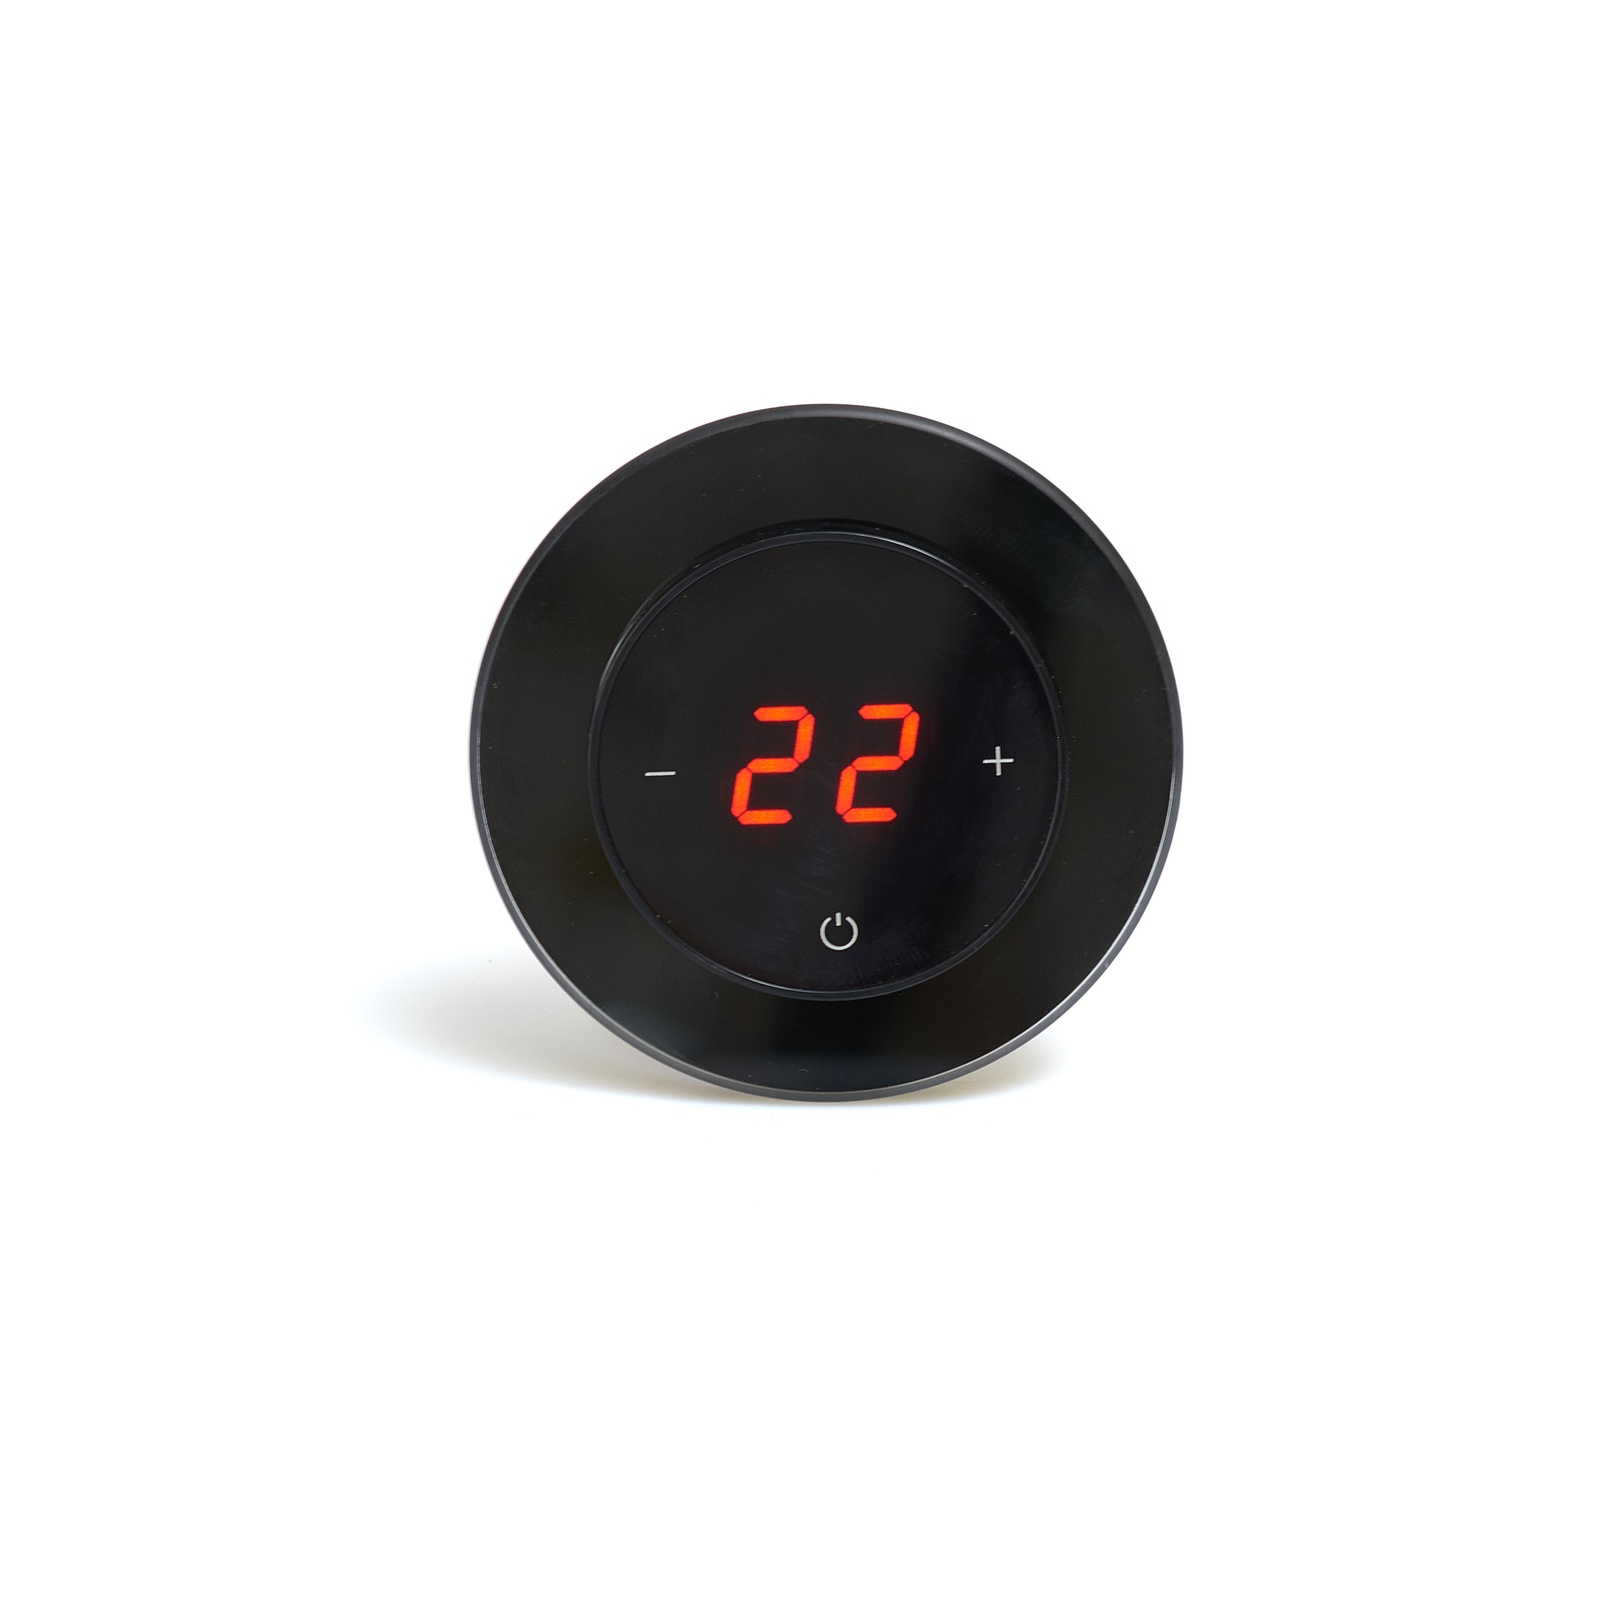 цена на Регулятор теплого пола AURA RONDA 9005, 3409005, черный